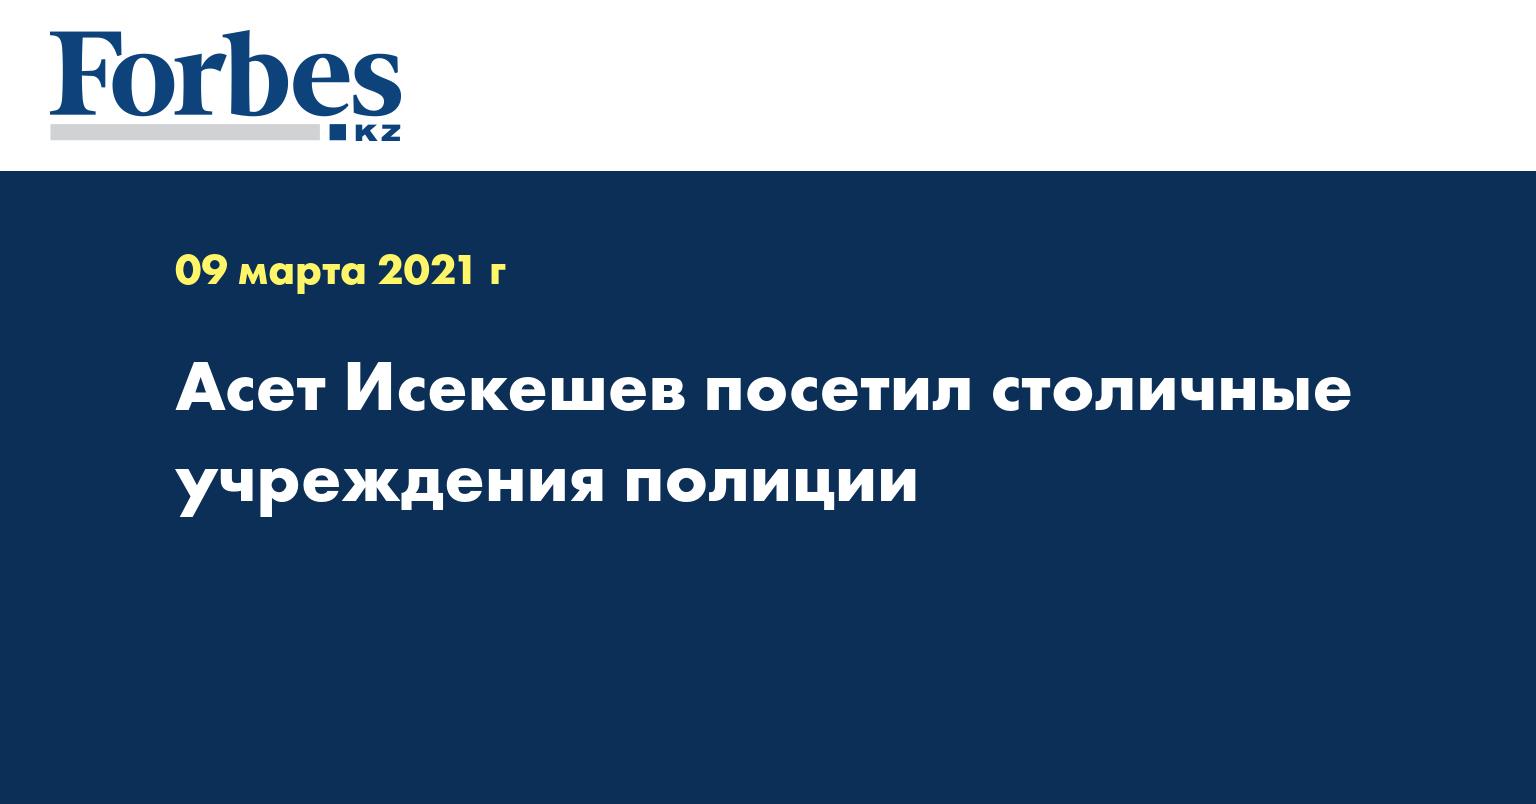 Асет Исекешев посетил столичные учреждения полиции